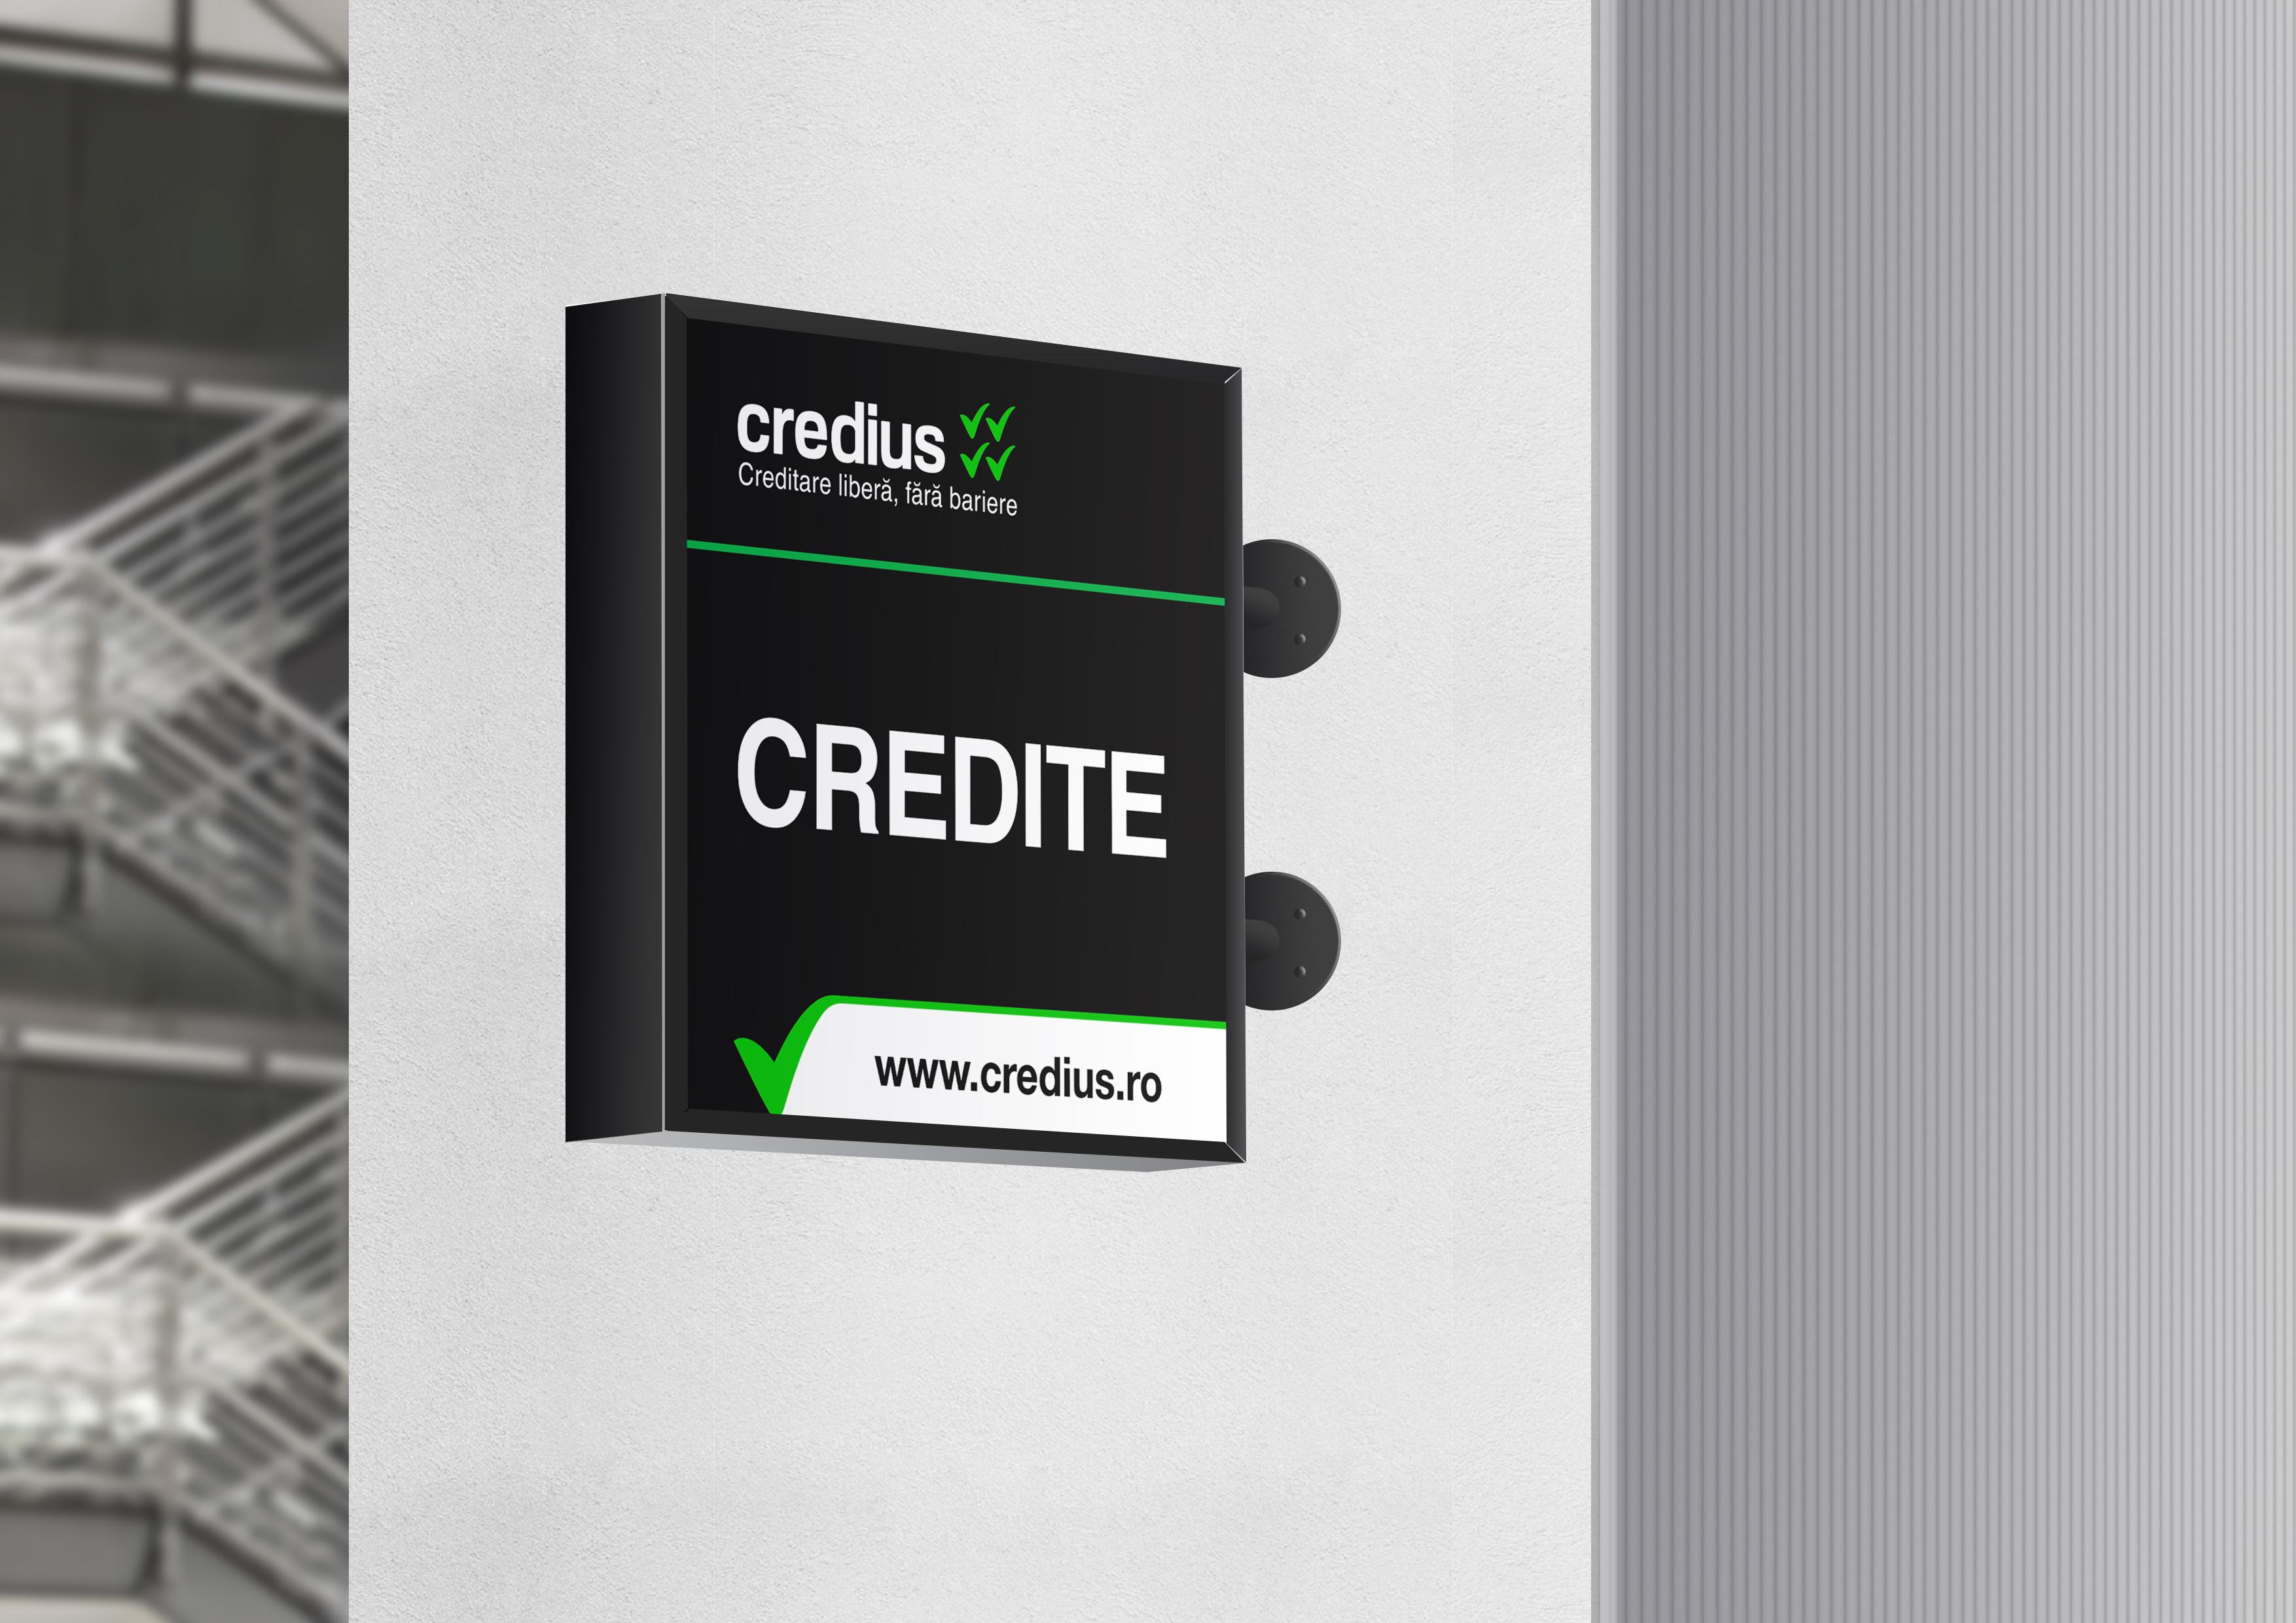 credius branding caseta luminoasa